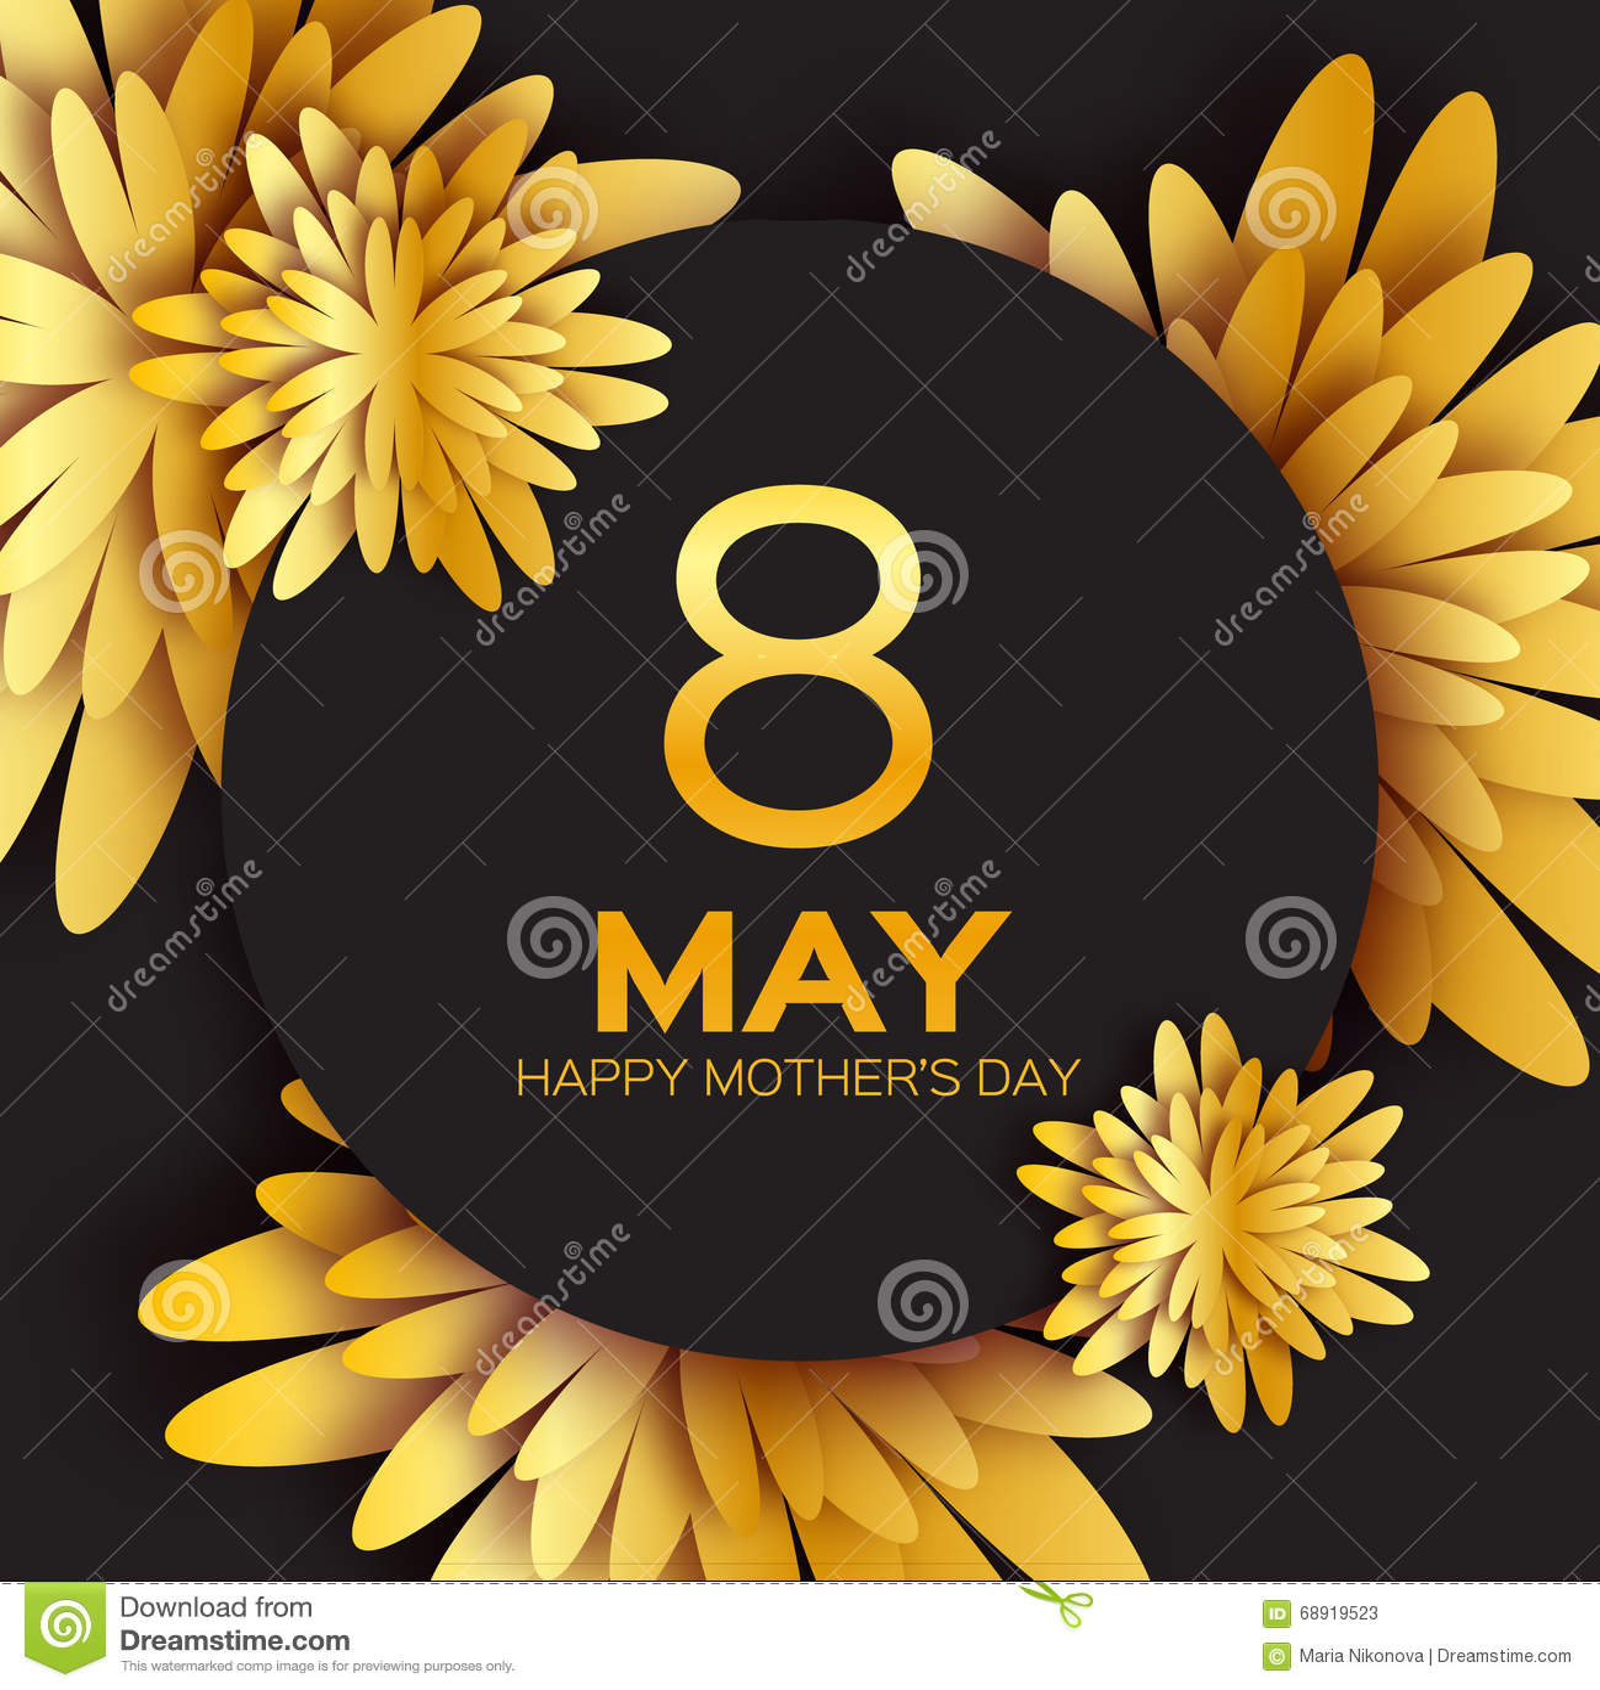 Χρυσή Floral ευχετήρια κάρτα φύλλων αλουμινίου - ημέρα της ευτυχούς μητέρας - 8 Μαΐου - ο χρυσός λαμπιρίζει διακοπές